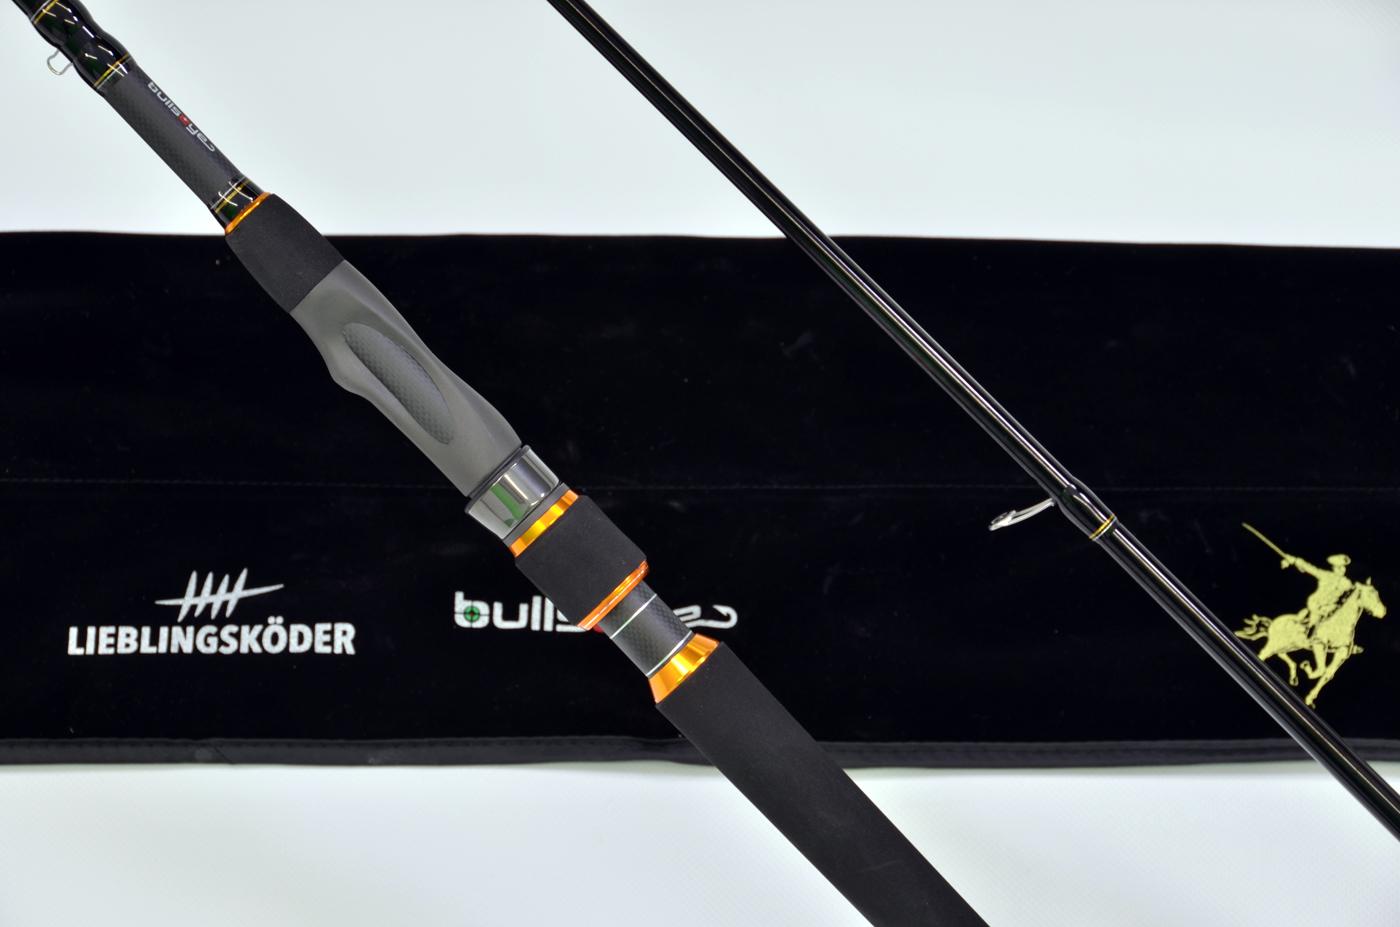 Der Fuji-TVS-Rollenhalter: super-ergonomisch und optisch ein Hingucker.